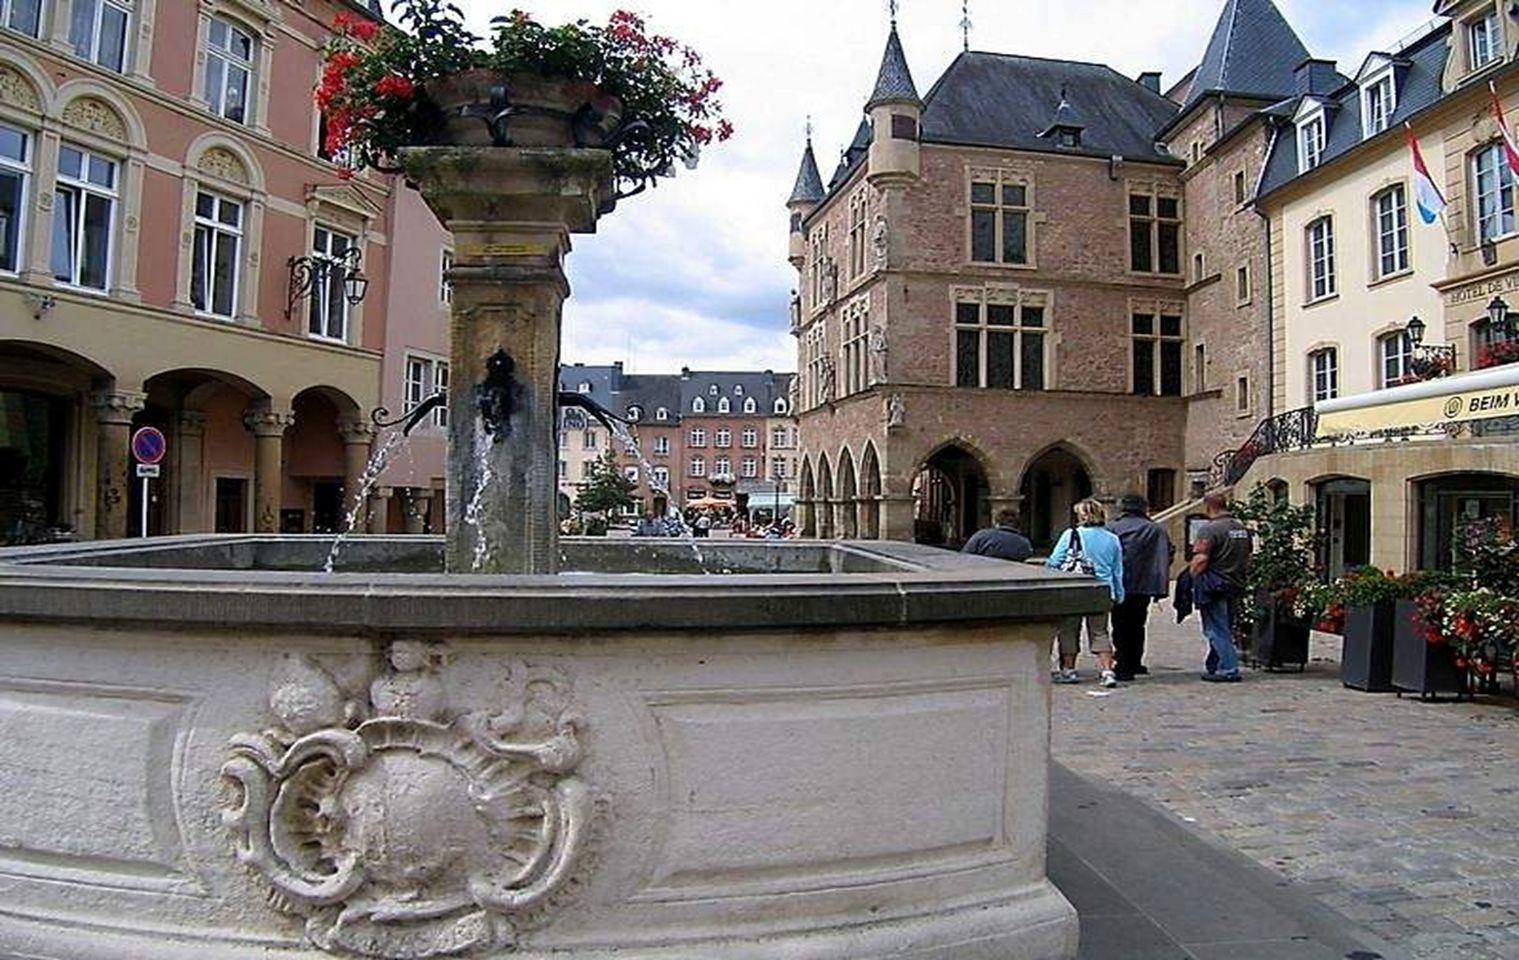 De amellett, hogy a fővárosa gyönyörű, Luxemburg turisztikai célpont is, mint például Echternach városa, ahol történelmi és művészeti örökségek találh